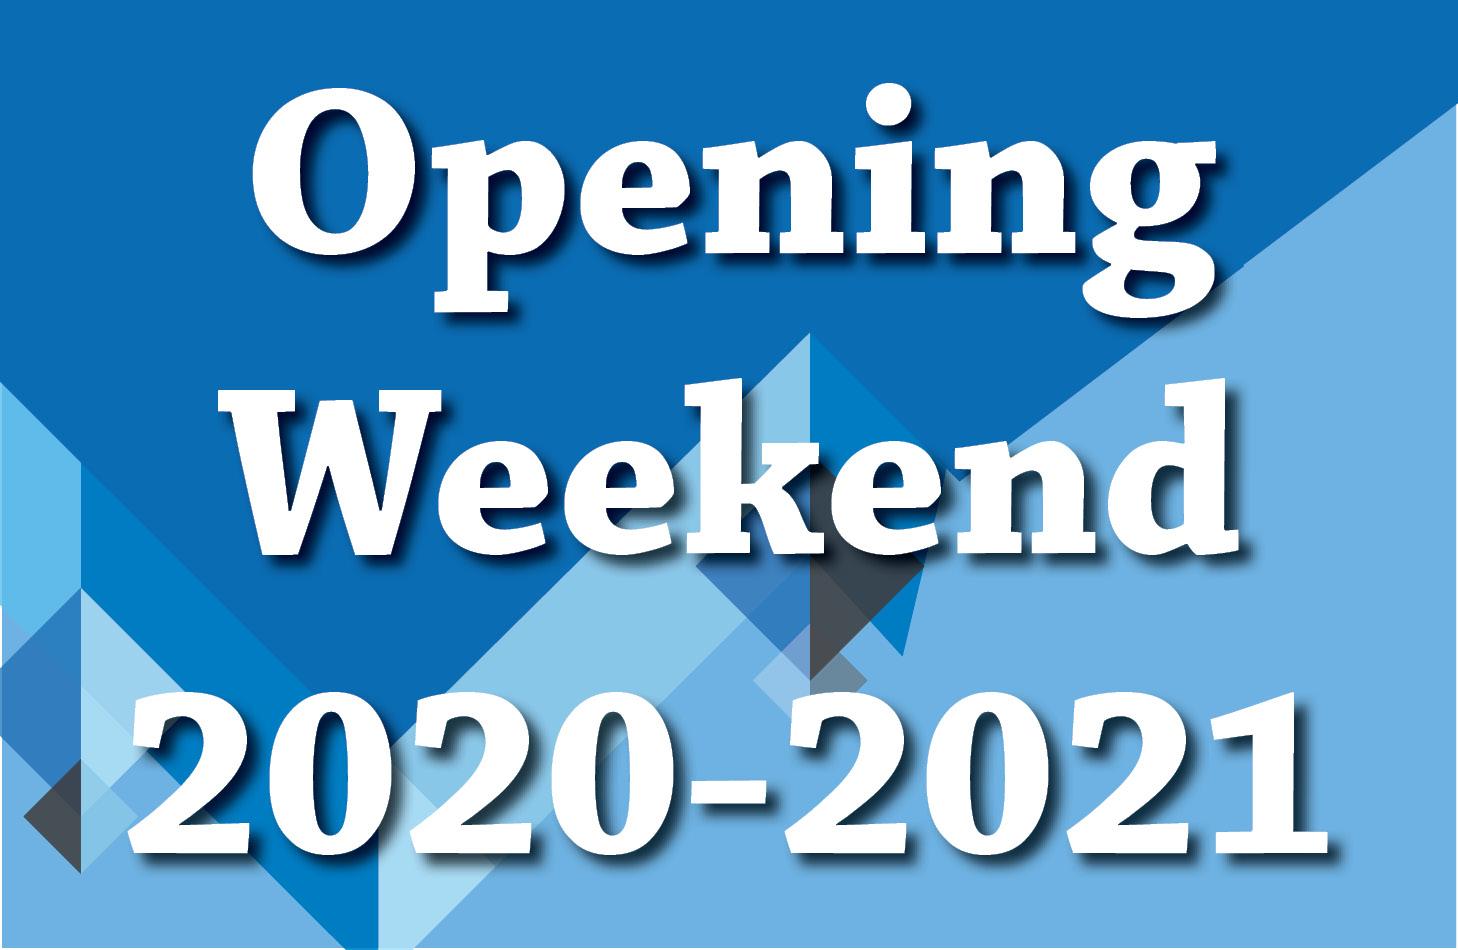 Opening Weekend 2020-2021